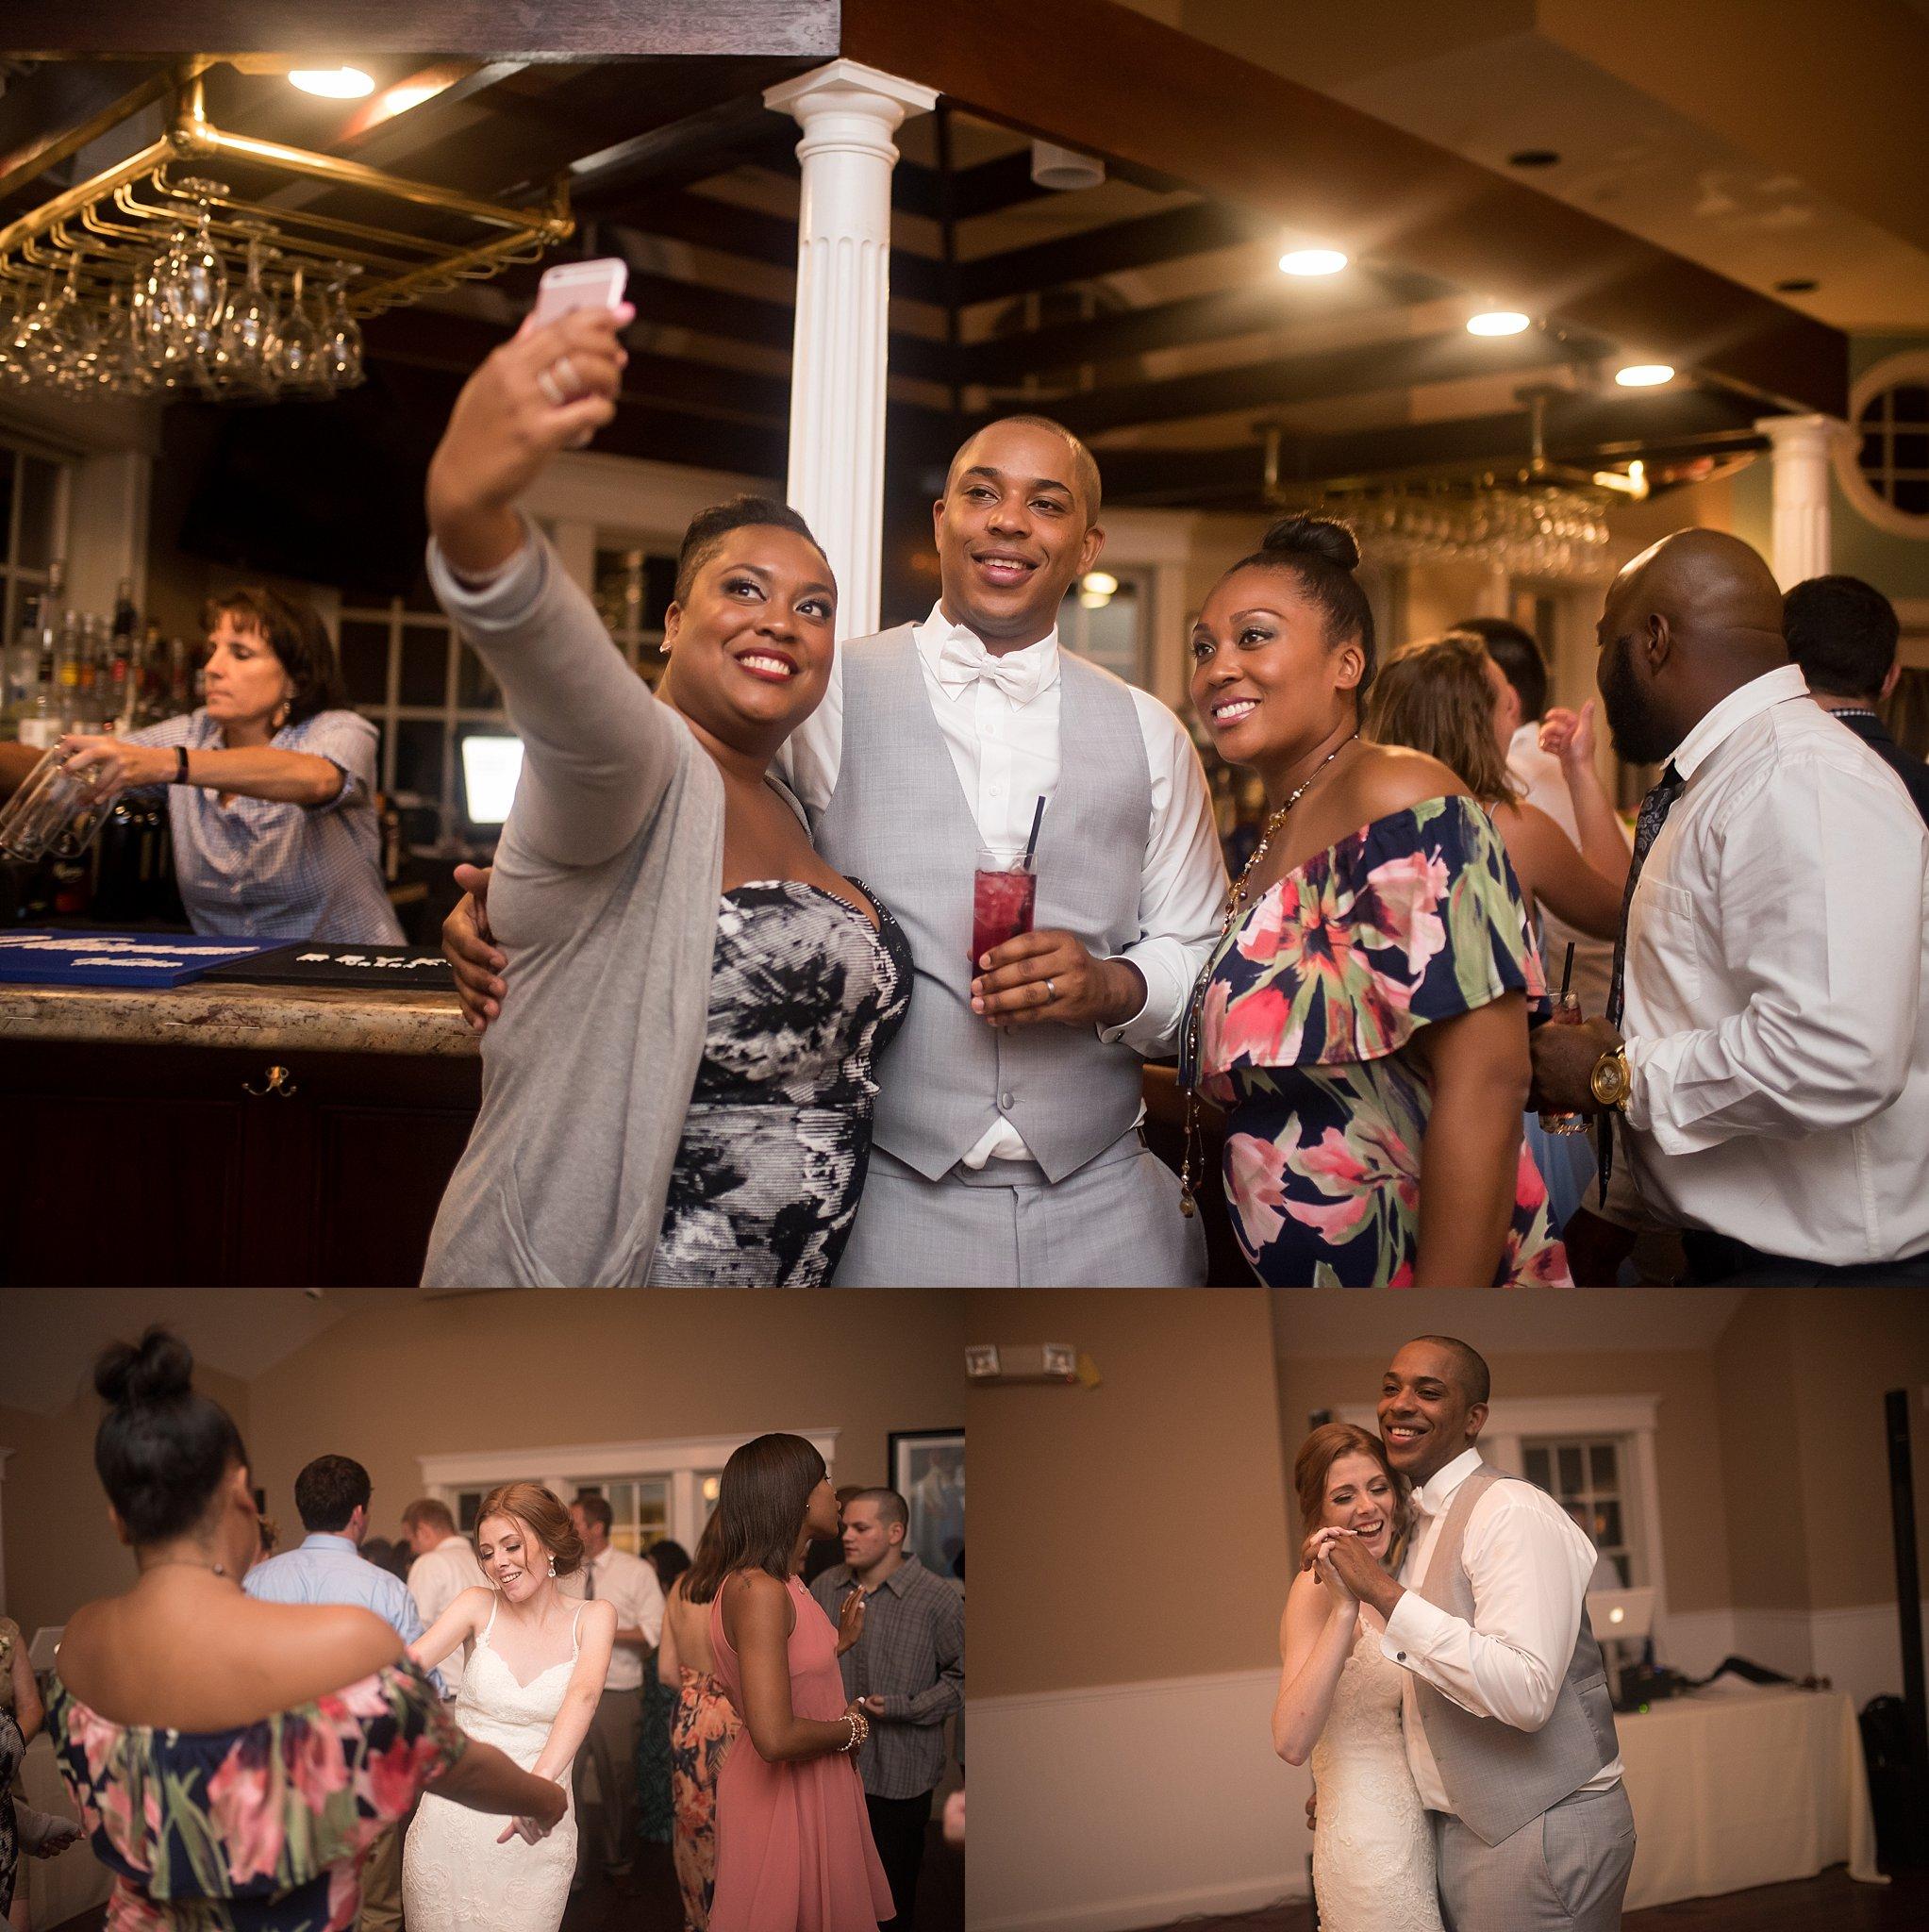 rechercher le dernier sélectionner pour véritable matériaux de haute qualité Intimate Casino Wharf FX Wedding in Cape Cod, Massachusetts ...